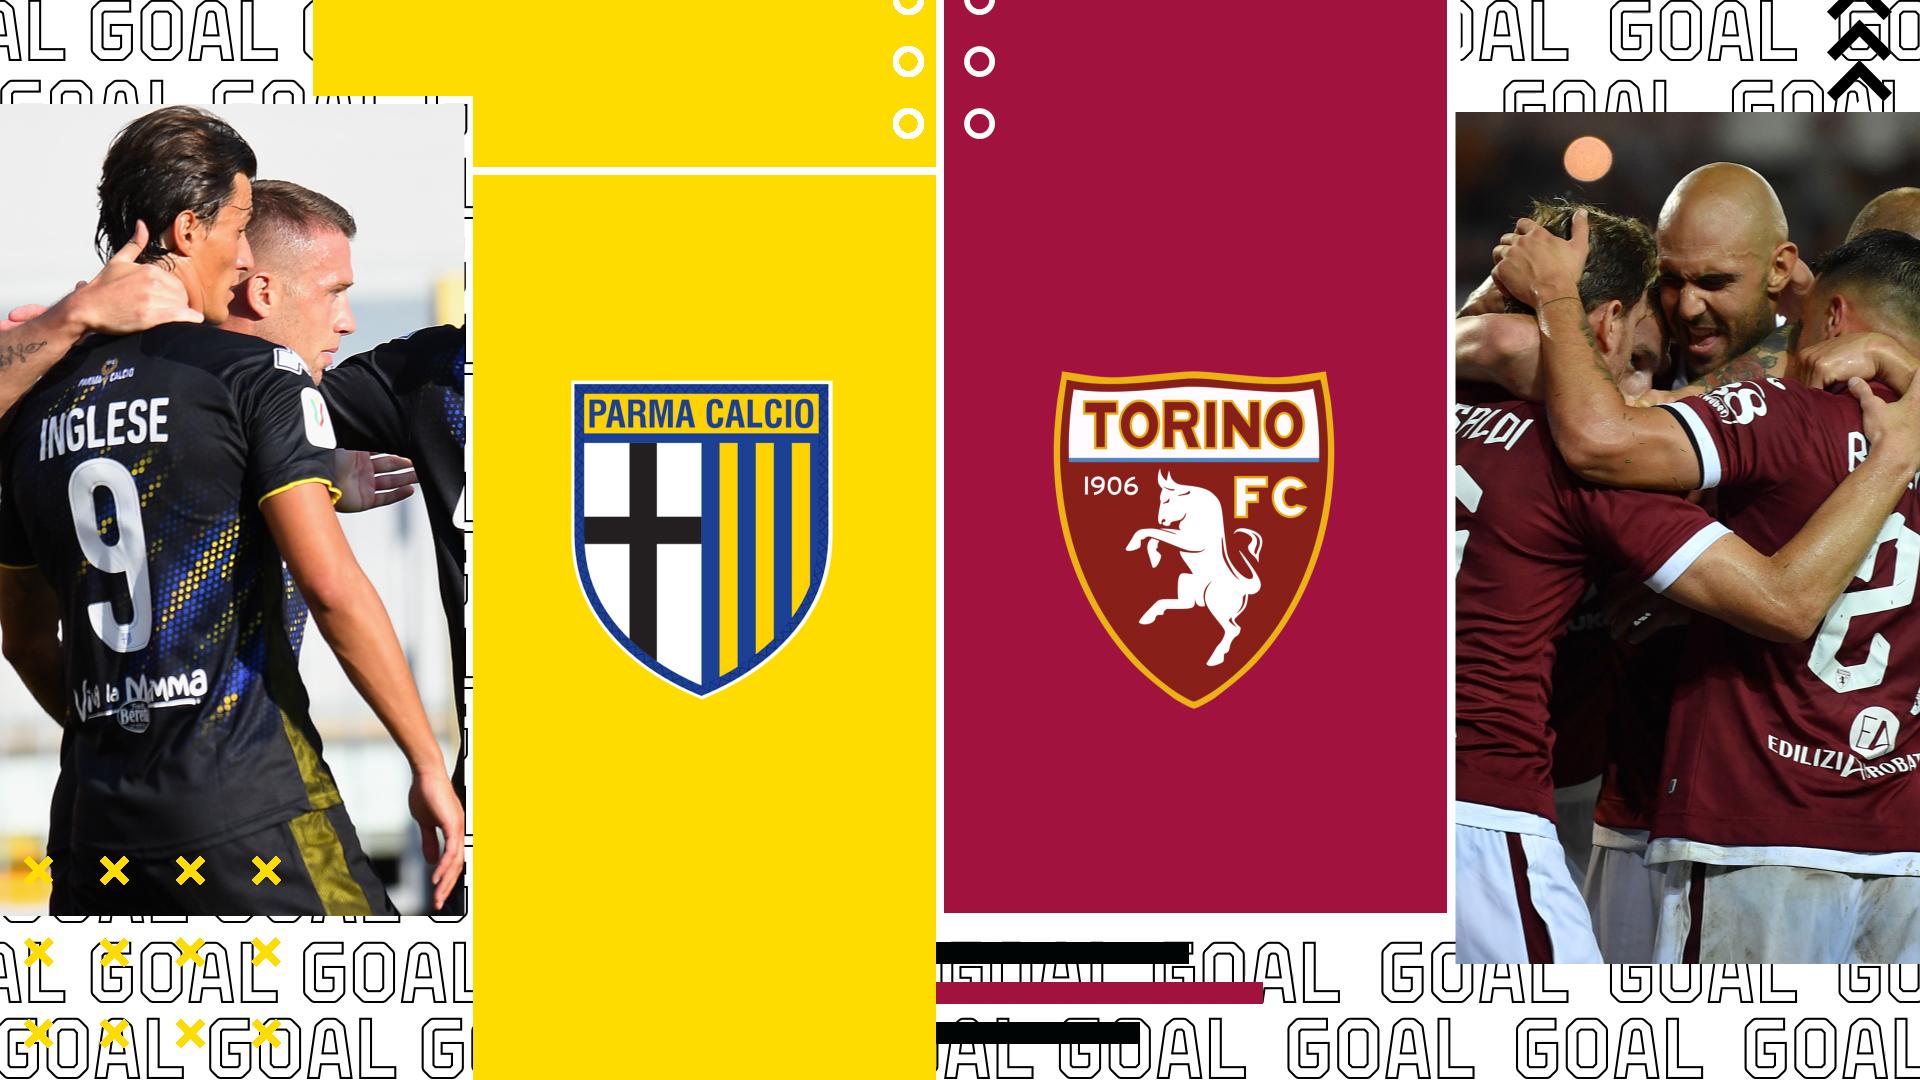 PROBABILI FORMAZIONI Parma-Torino: dubbi e ballottaggi D'Aversa e Mazzarri